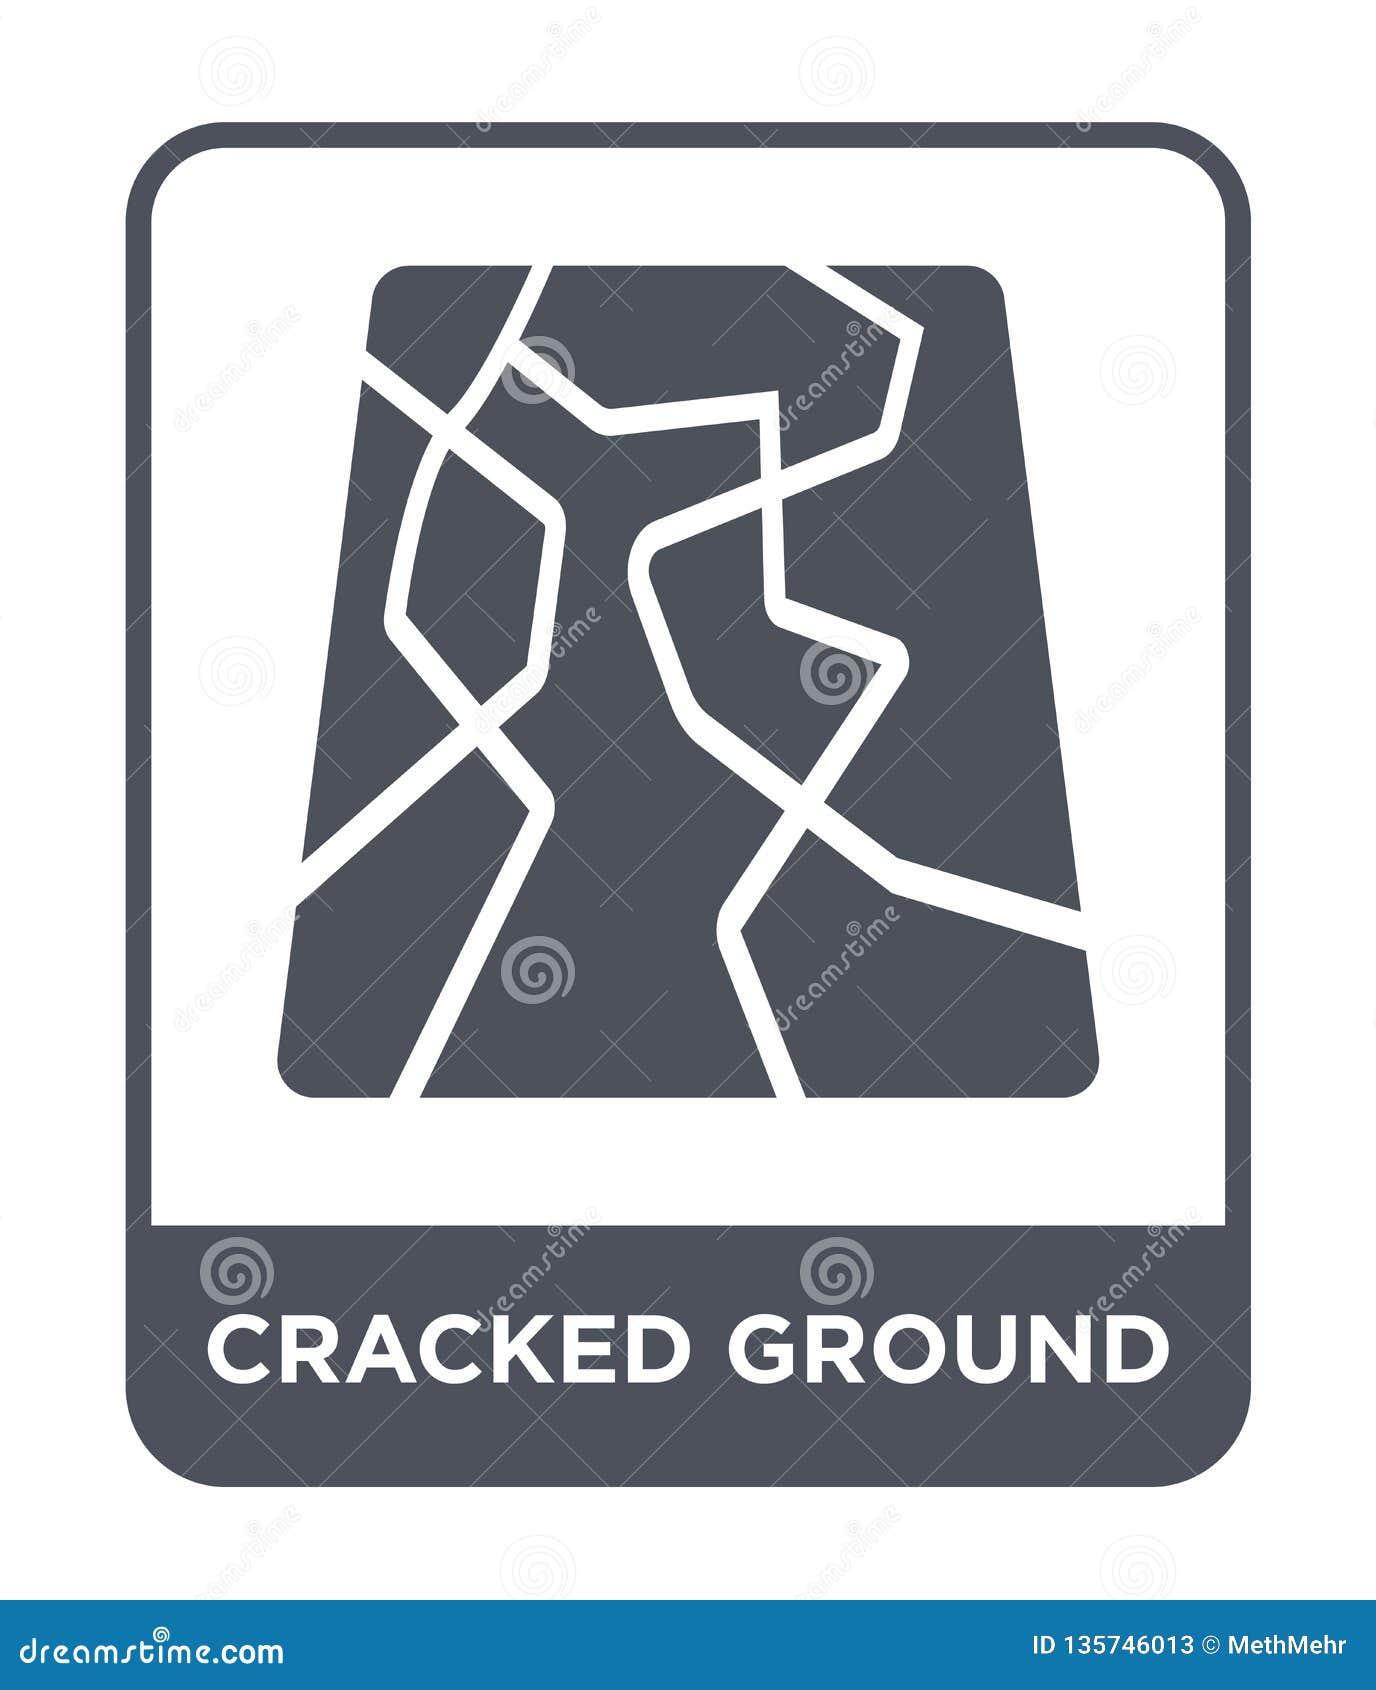 Gebrochene Grundikone in der modischen Entwurfsart geknackte Bodenikone lokalisiert auf weißem Hintergrund gebrochene Grundvektor